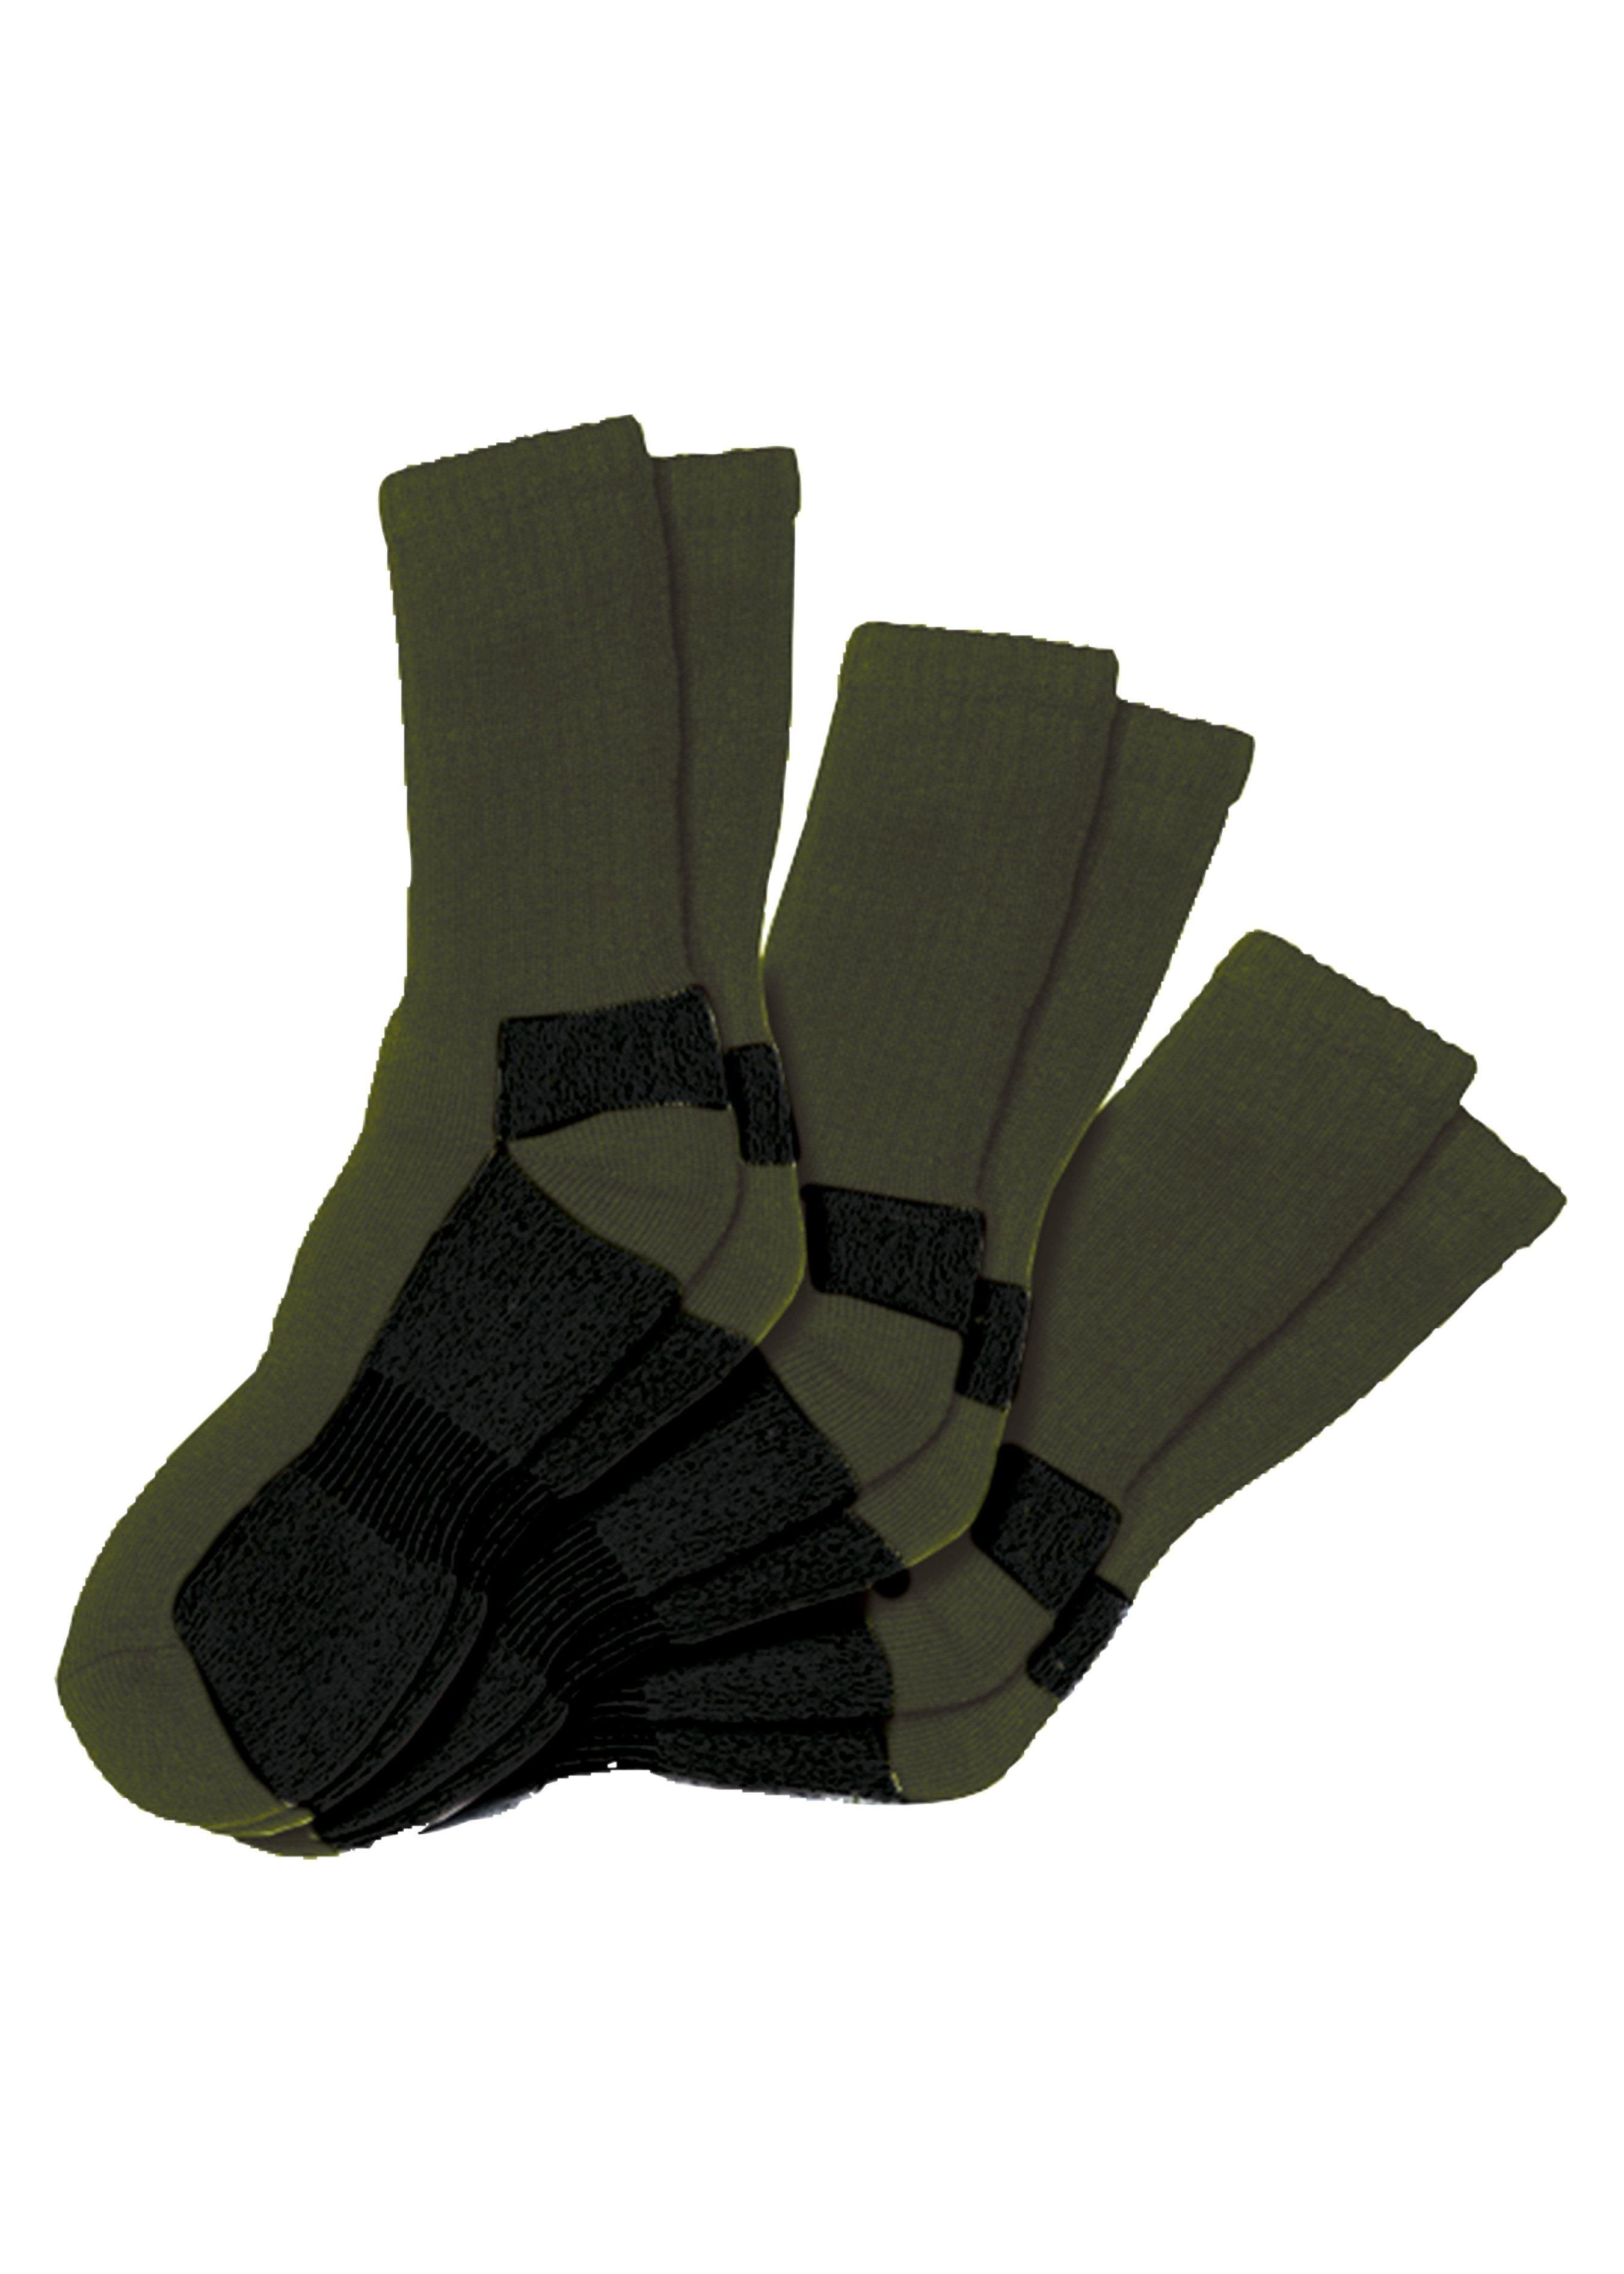 Chaussettes de travail et de forestier 3 paires 27772339 2